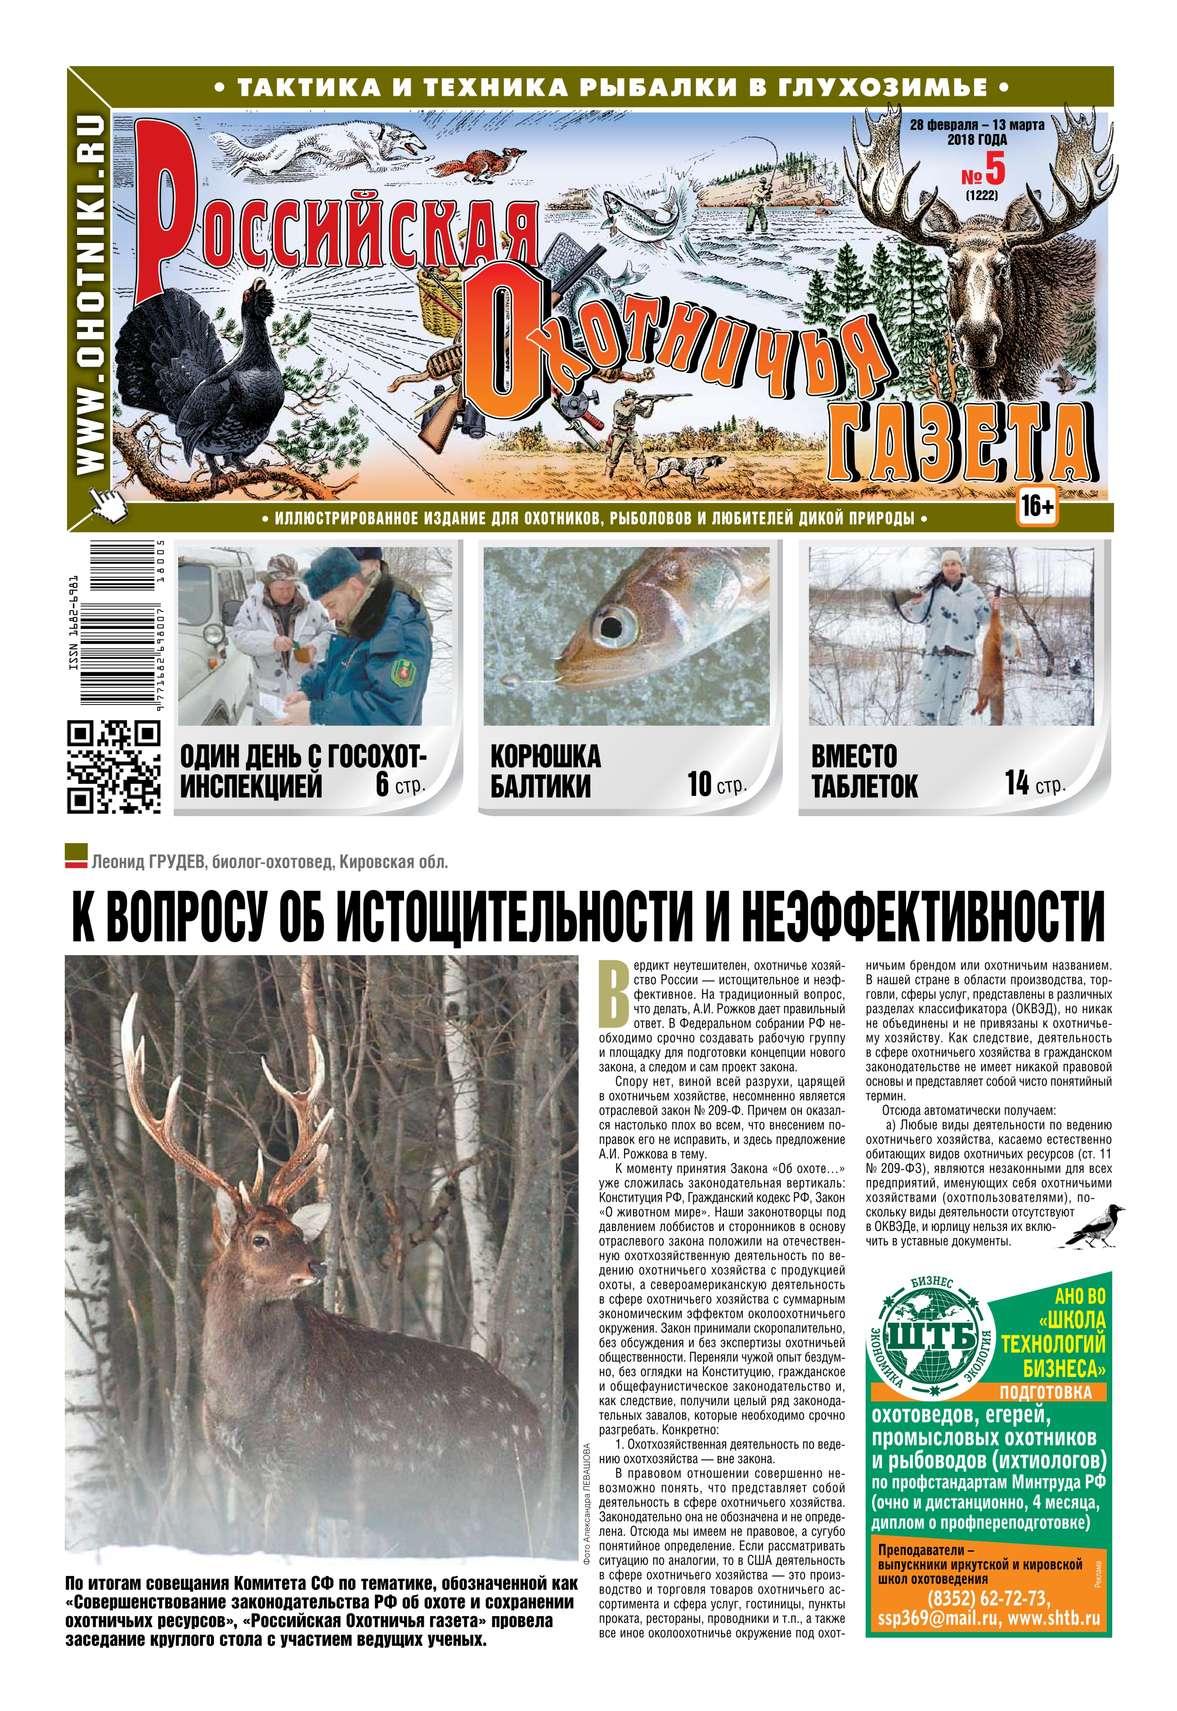 Российская Охотничья Газета 05-2018 фото